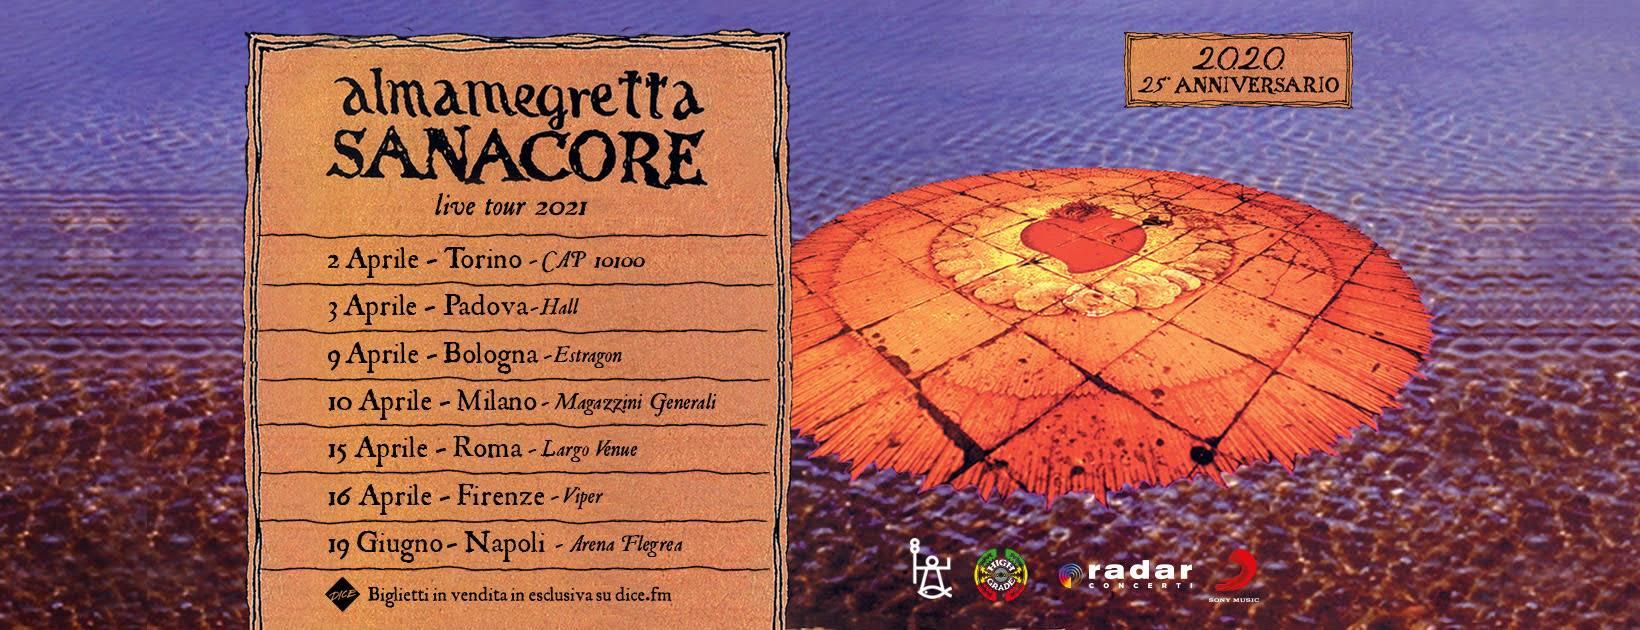 Almamegretta, Sanacore live tour 2021, Hall Padova